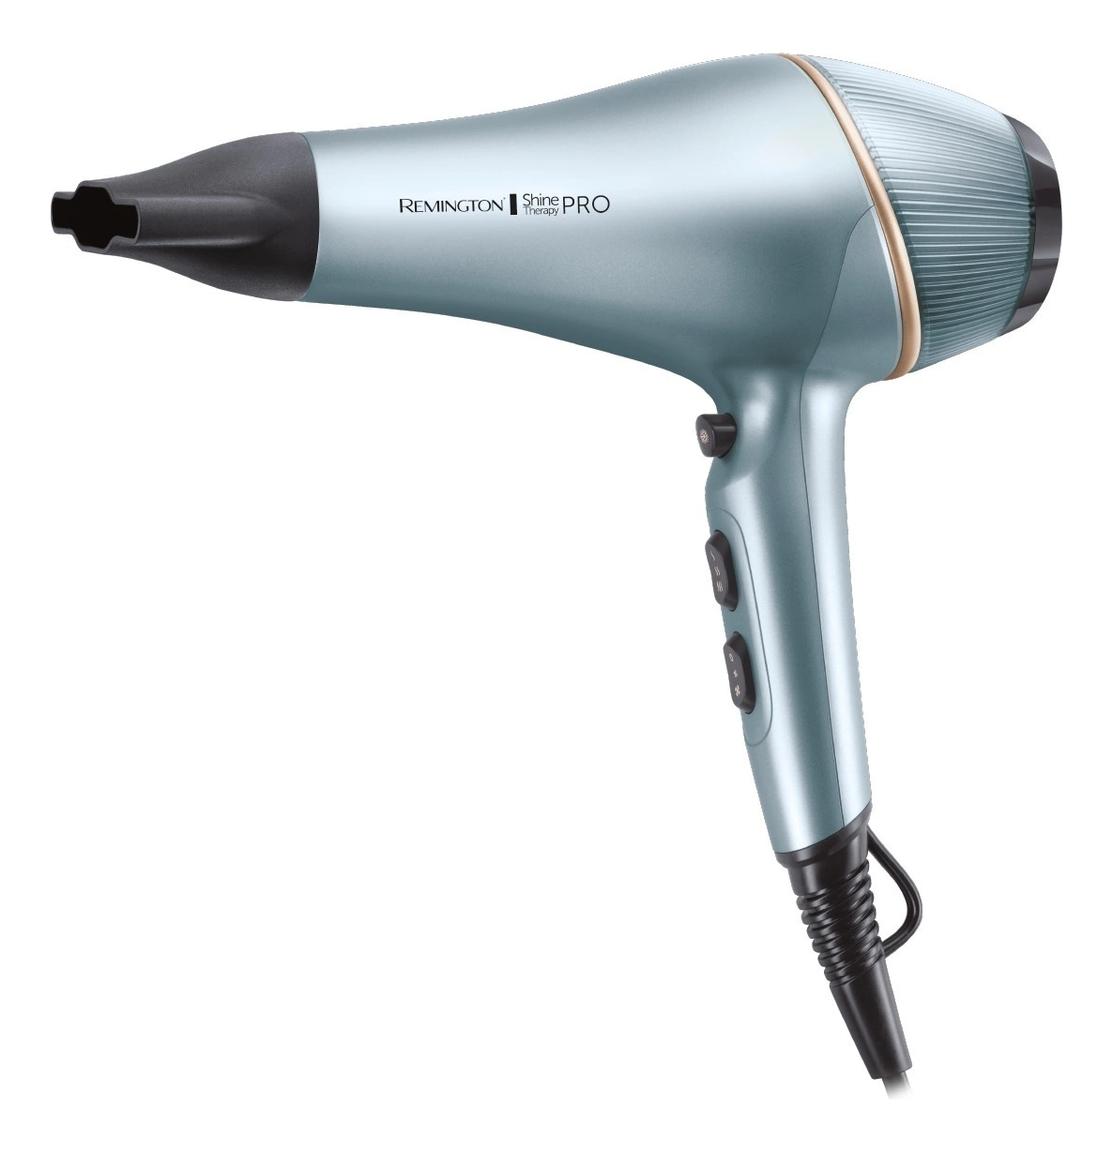 Фото - Фен для волос Shine Therapy Pro AC9300 фен remington thermacare pro 2200 d5710